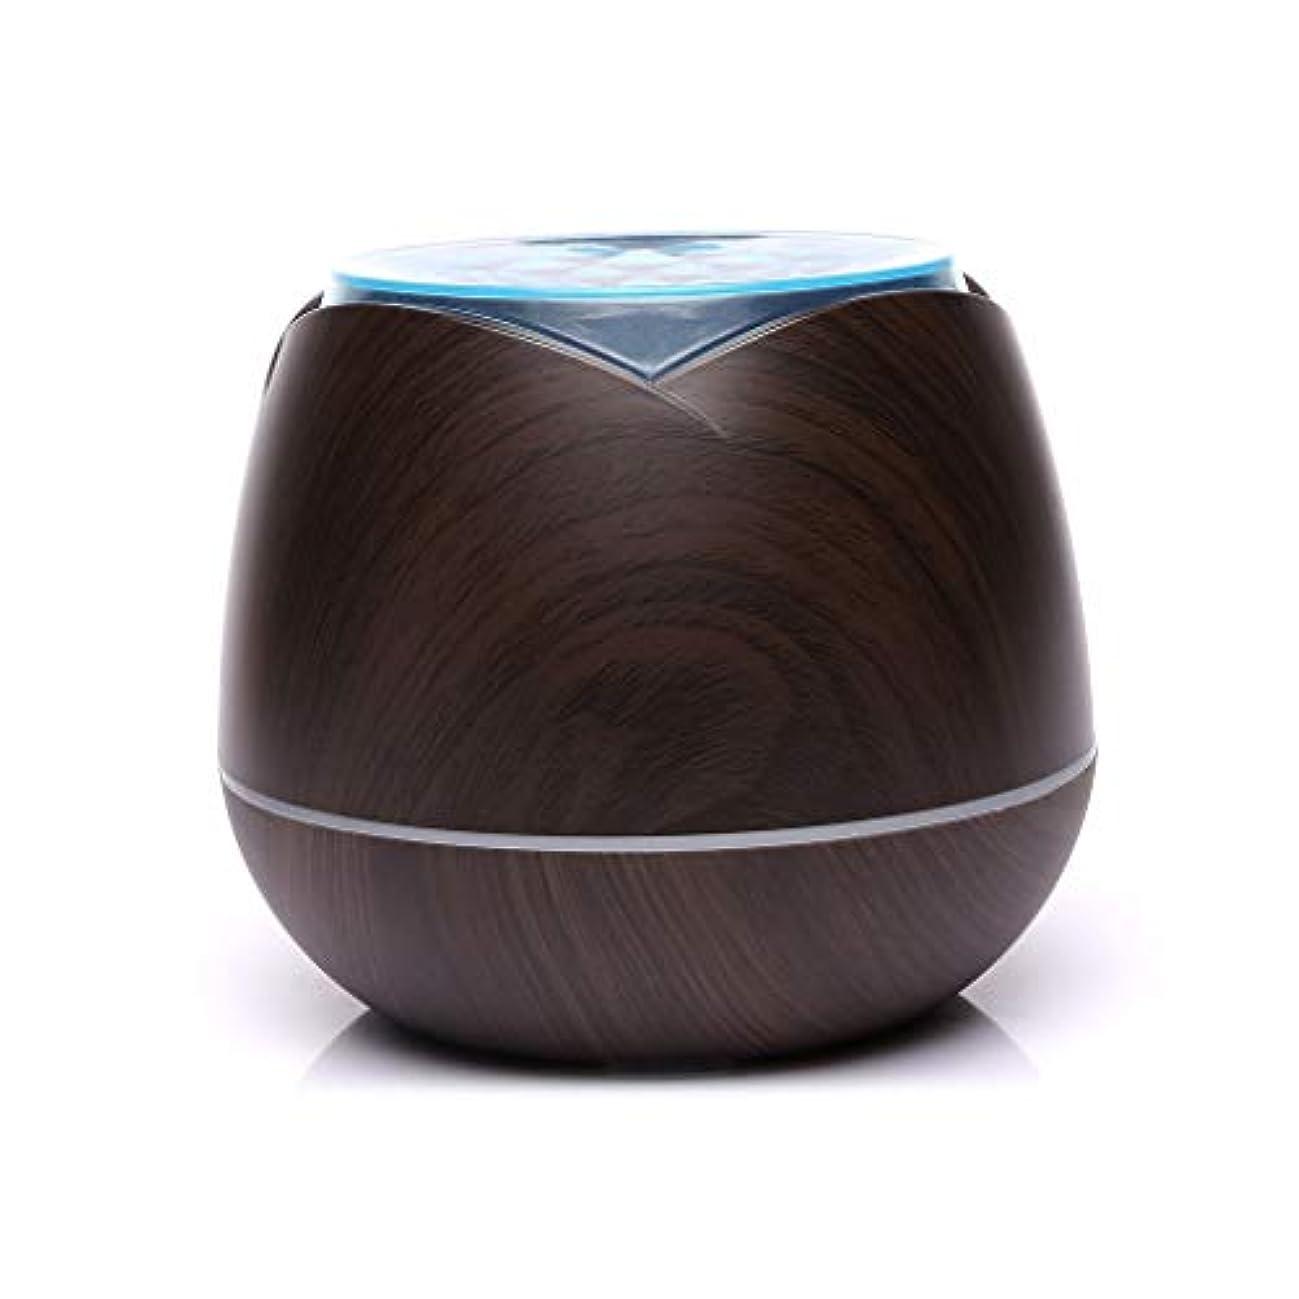 準備するまろやかなフォーク涼しい霧の空気加湿器、家、ヨガ、オフィス、鉱泉、寝室のために変わる色LEDライトと超音波400ml - 木目 - (Color : Dark wood grain)